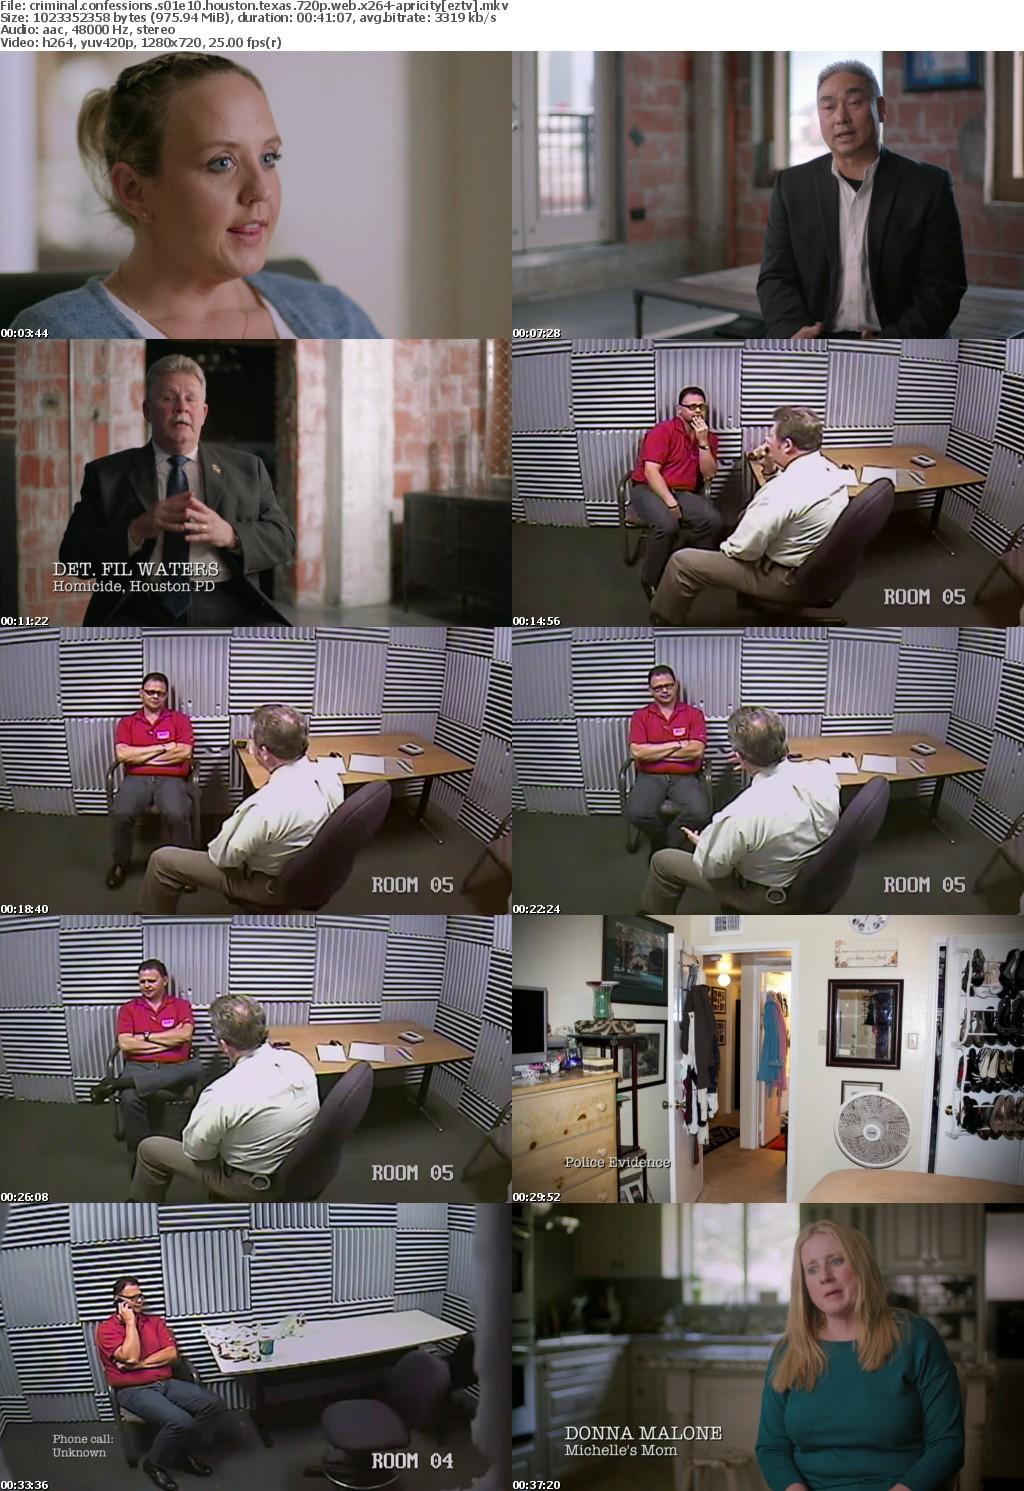 Criminal Confessions S01E10 Houston Texas 720p WEB x264-APRiCiTY